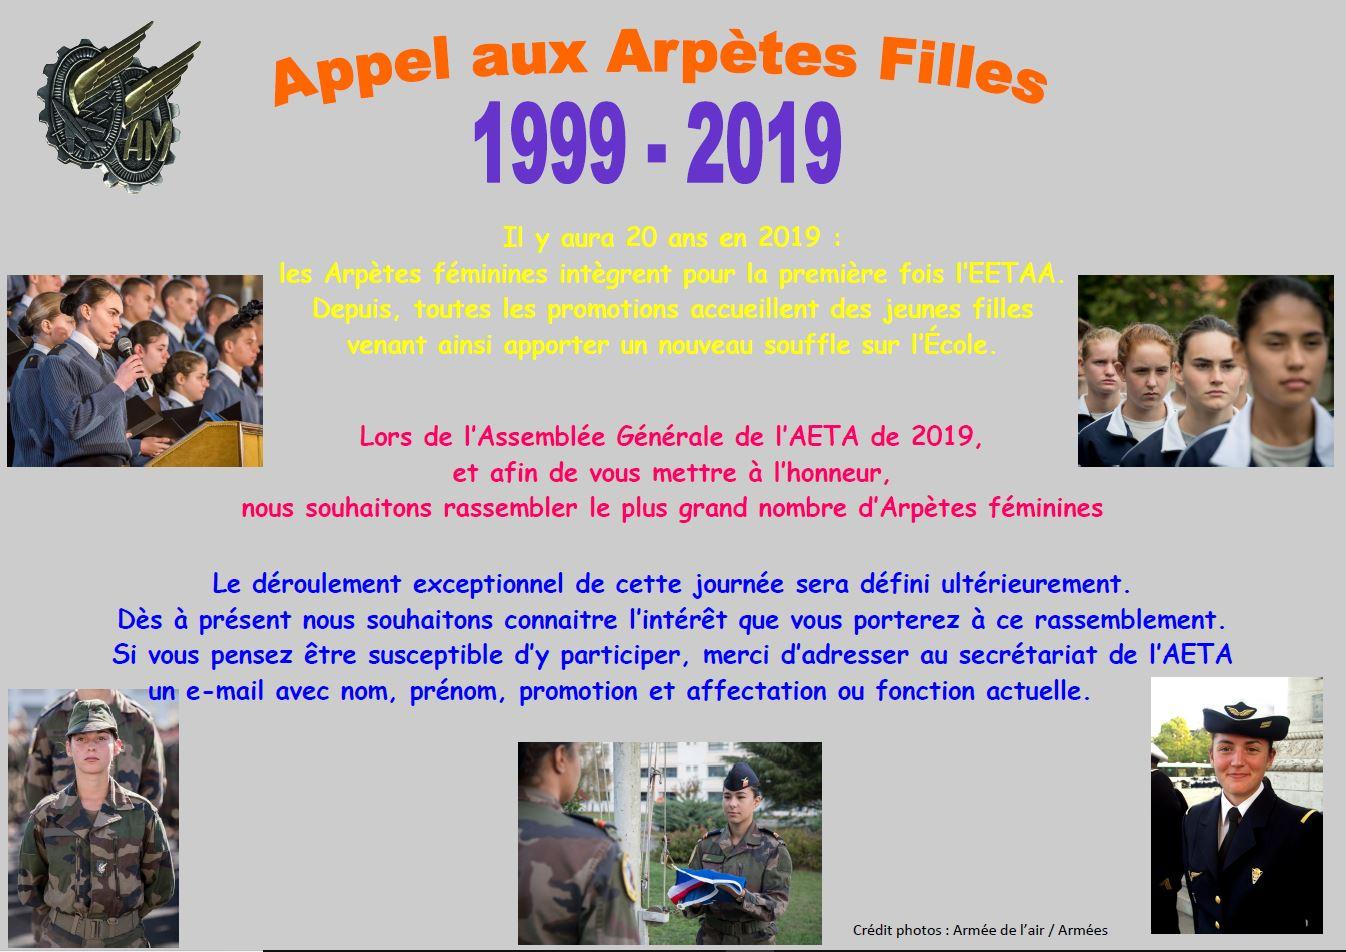 APPEL AUX FILLES ARPETES 3